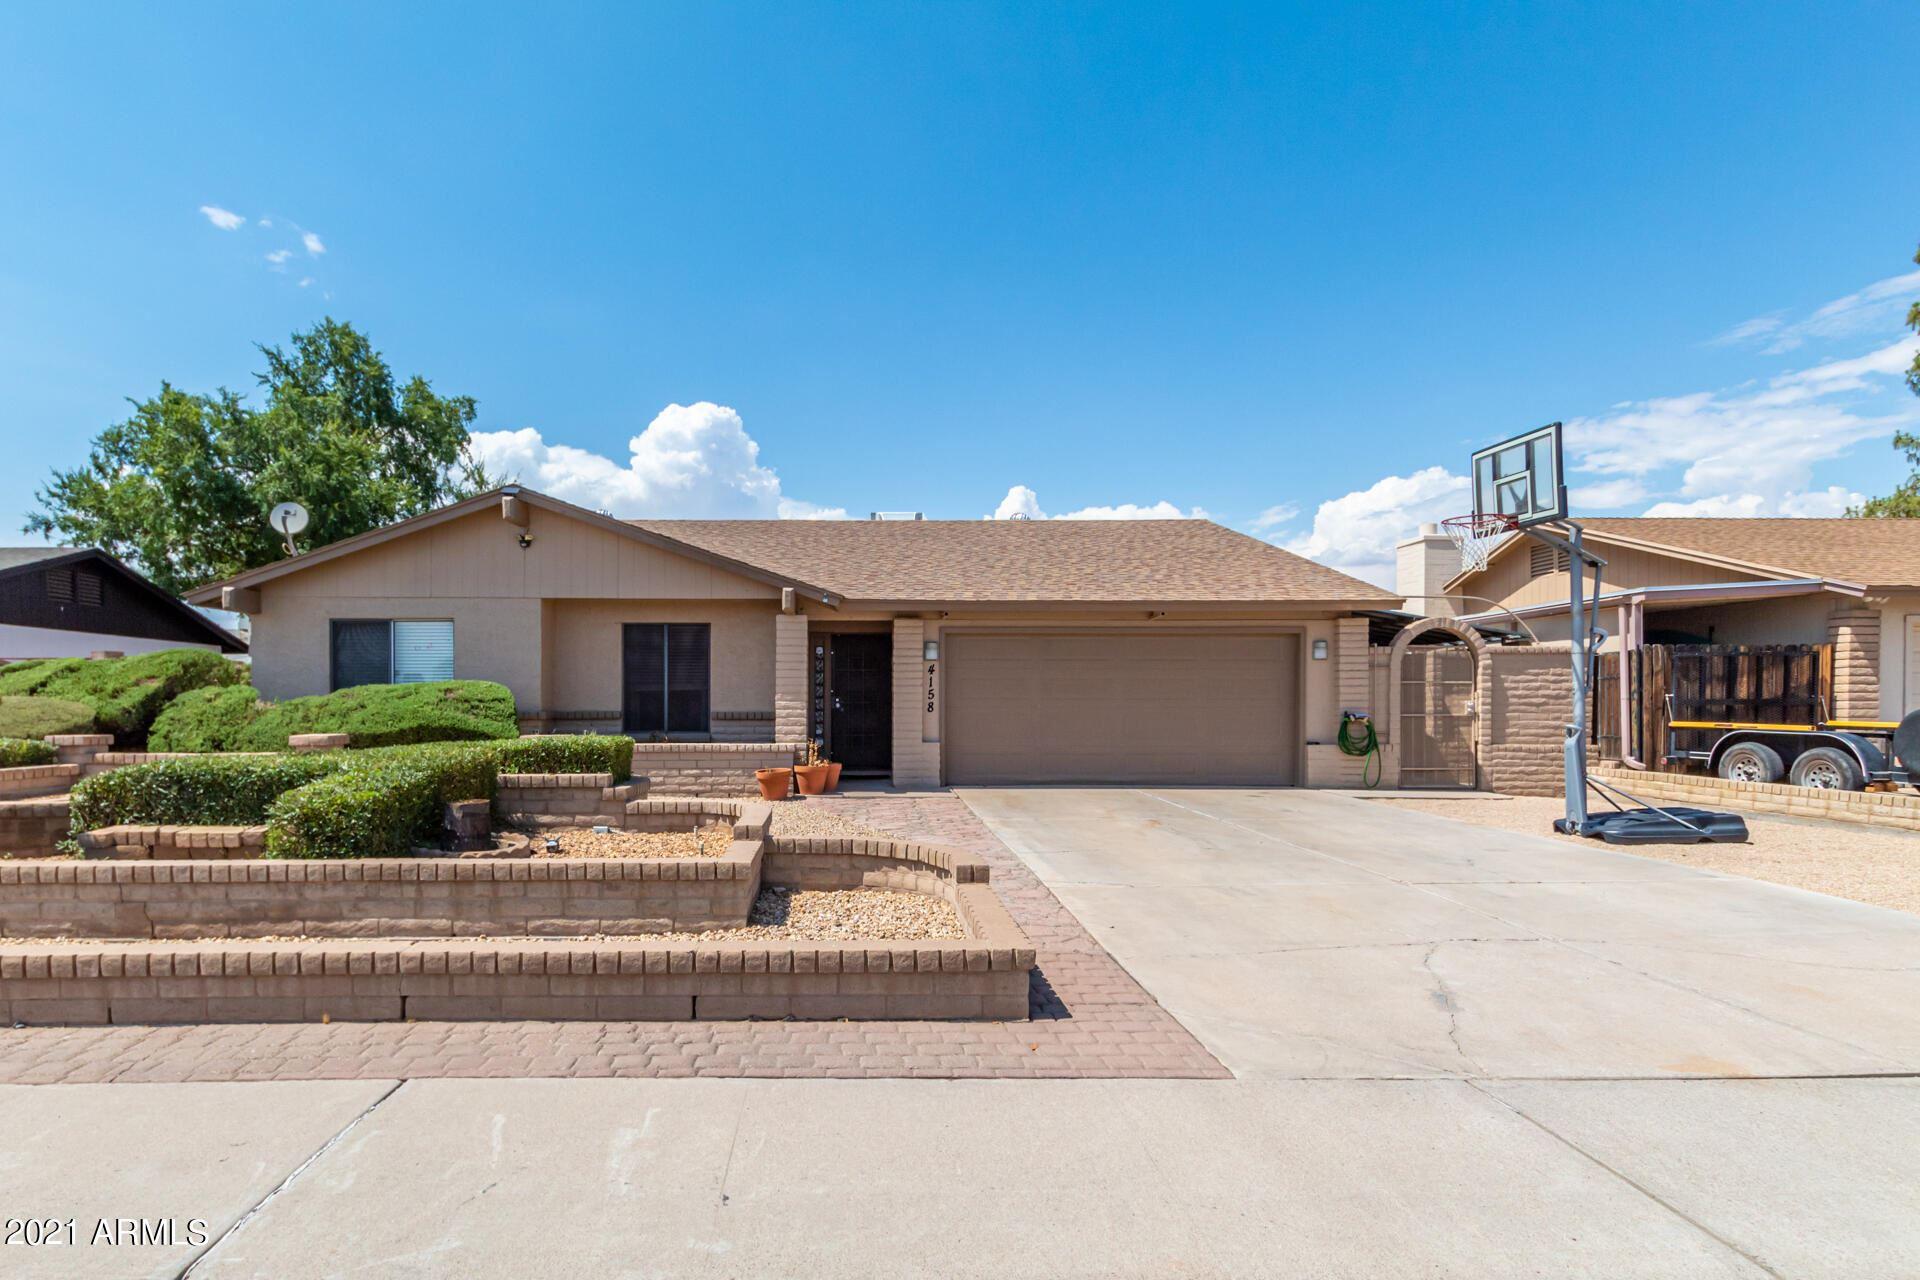 4158 W SIERRA Street, Phoenix, AZ 85029 - MLS#: 6259376